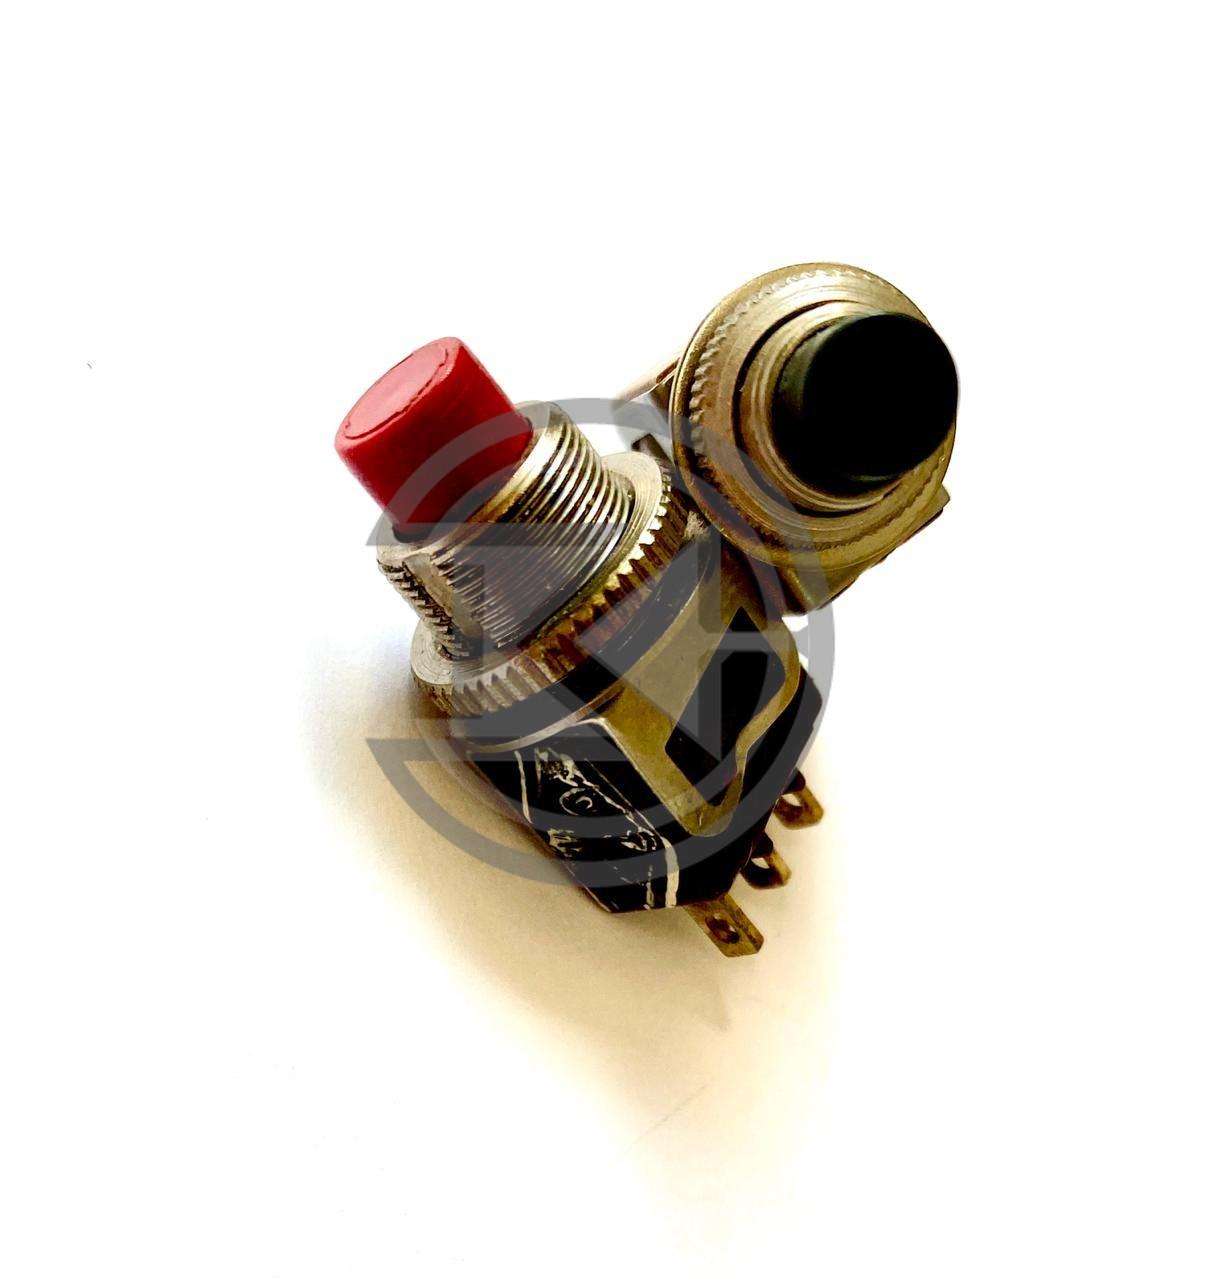 Переключатель кнопочный ПКн187-1..4